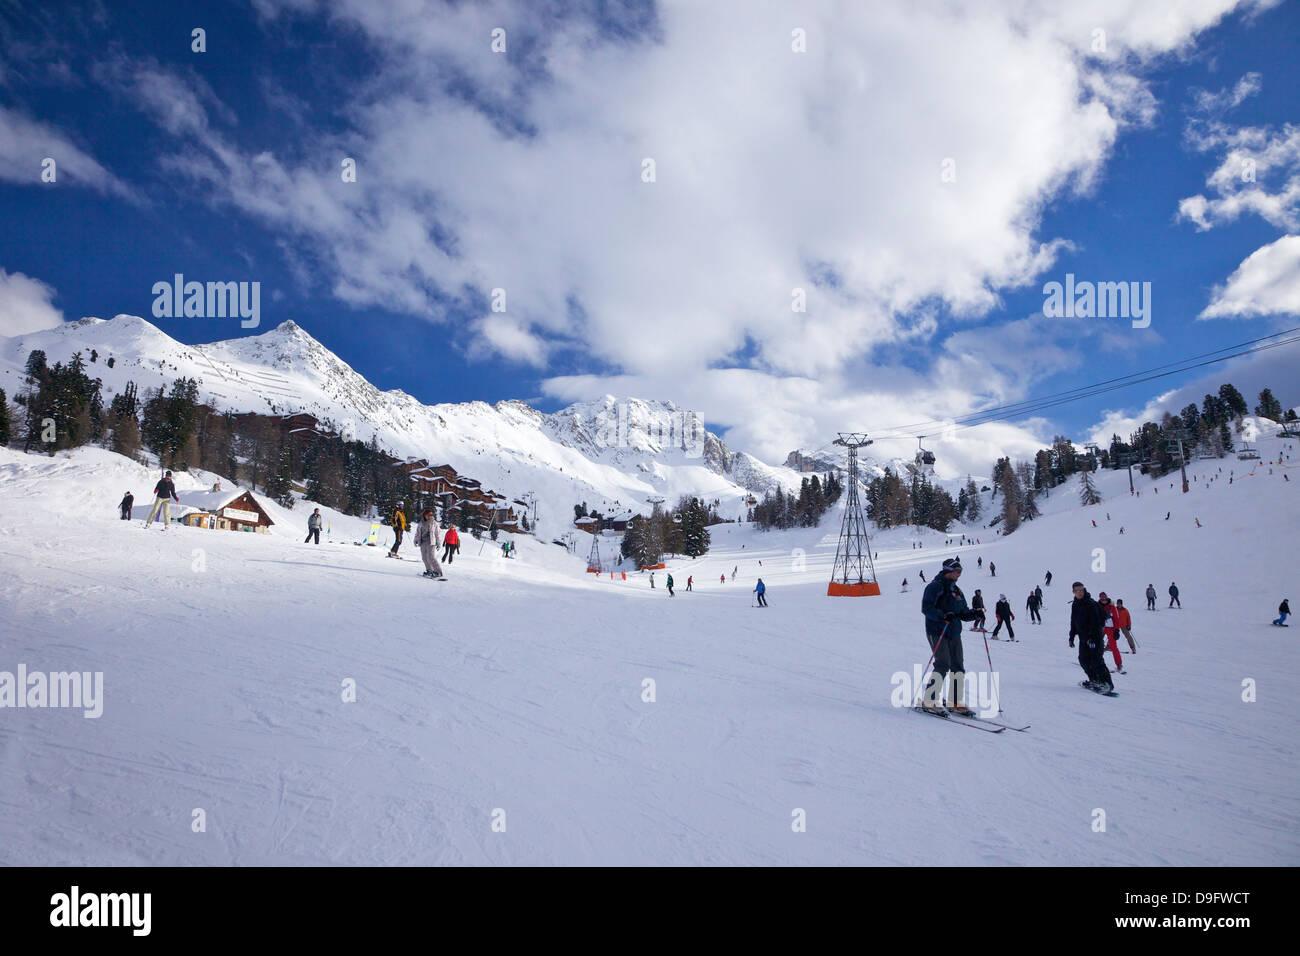 Gli sciatori sulle piste a Belle Plagne, La Plagne, Savoie, sulle Alpi francesi, Francia Immagini Stock